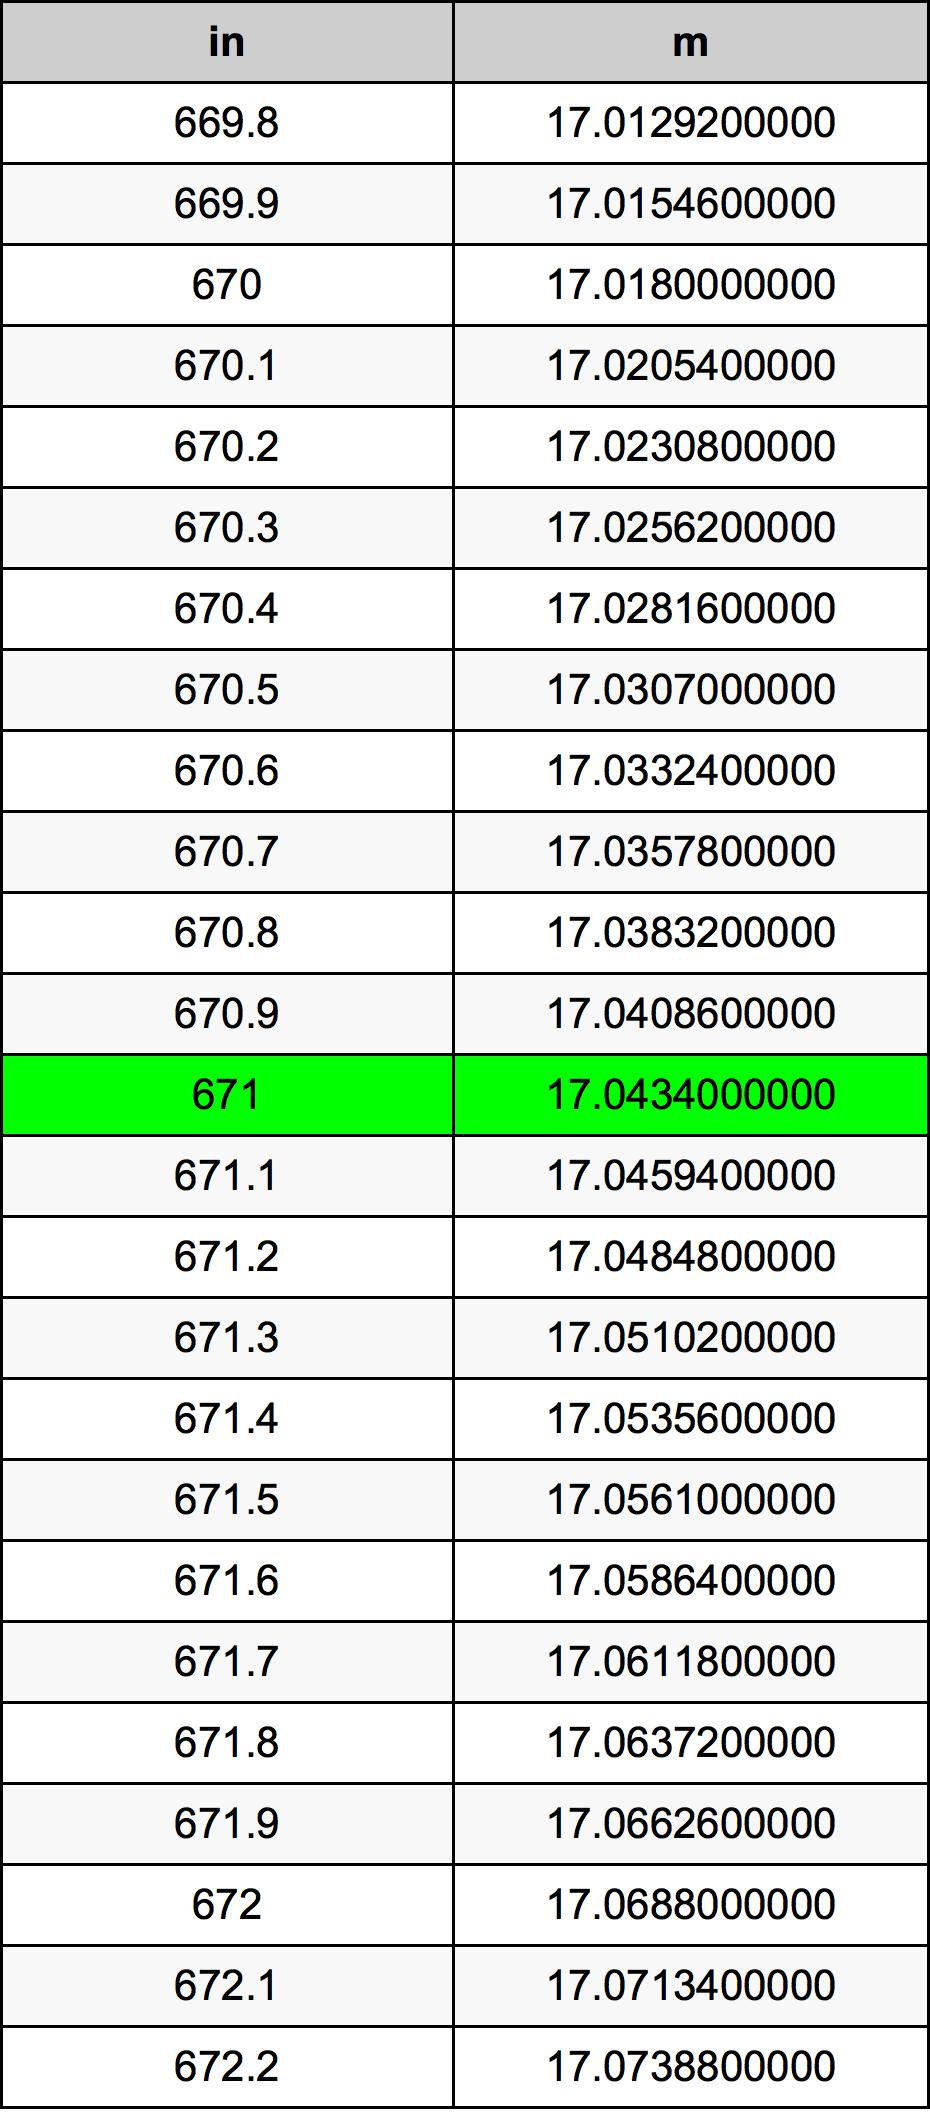 671 Țol tabelul de conversie